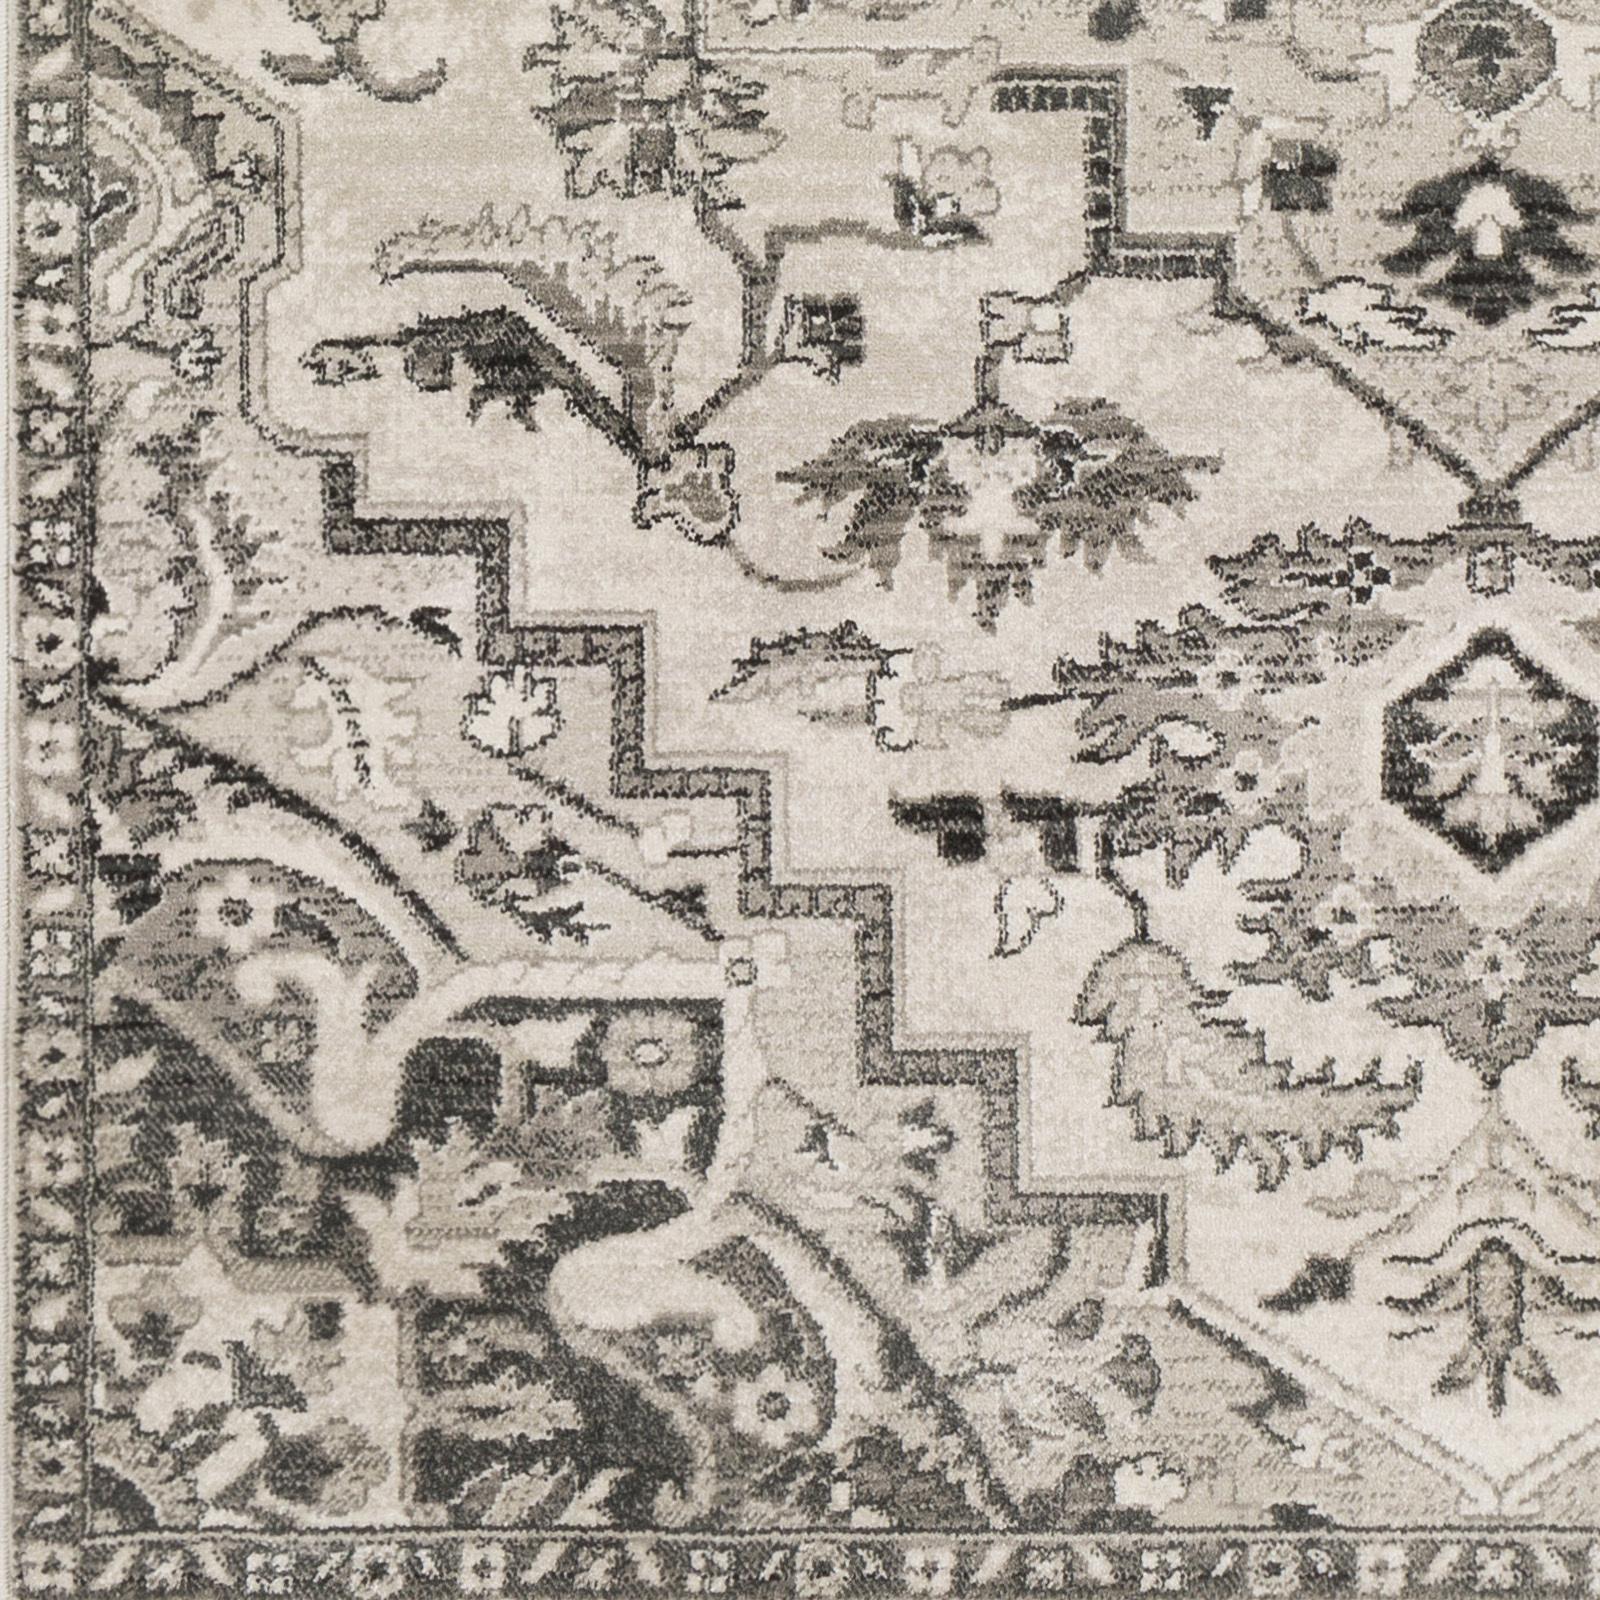 Mesopotamia - 2' x 3' Area Rug